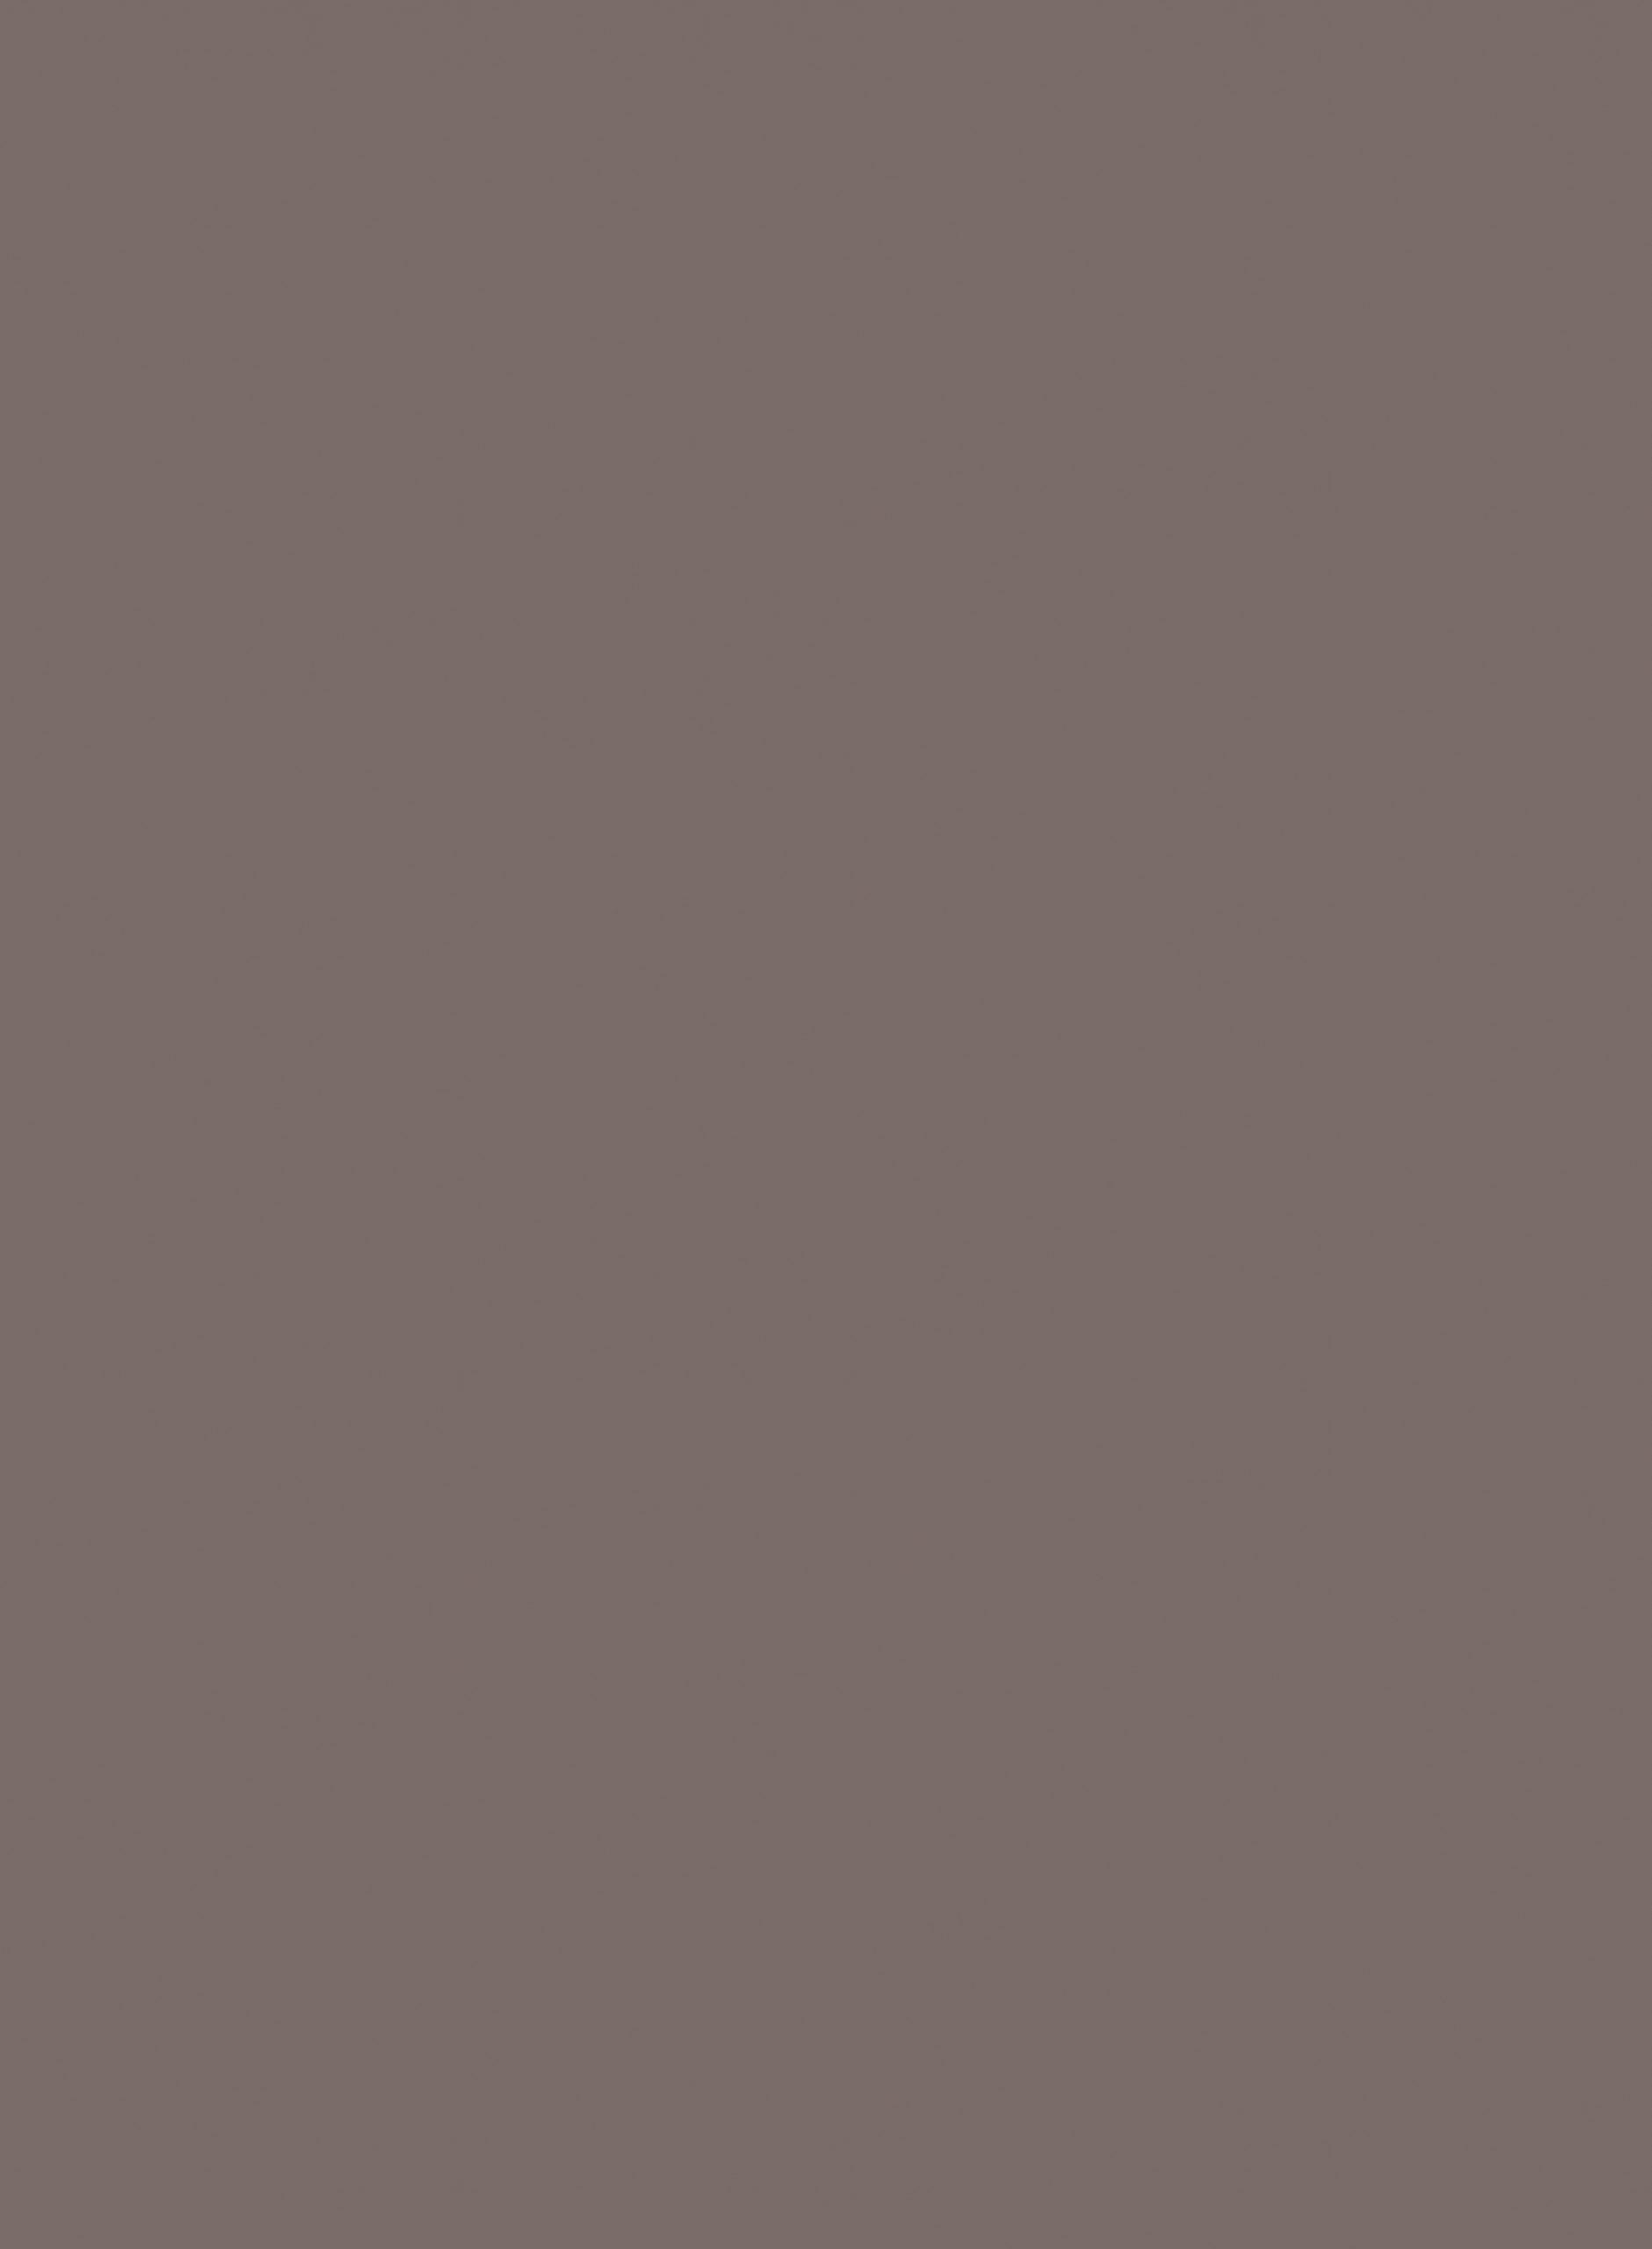 UB03 Ovatta hele plaatafbeelding 2800x2070 mm